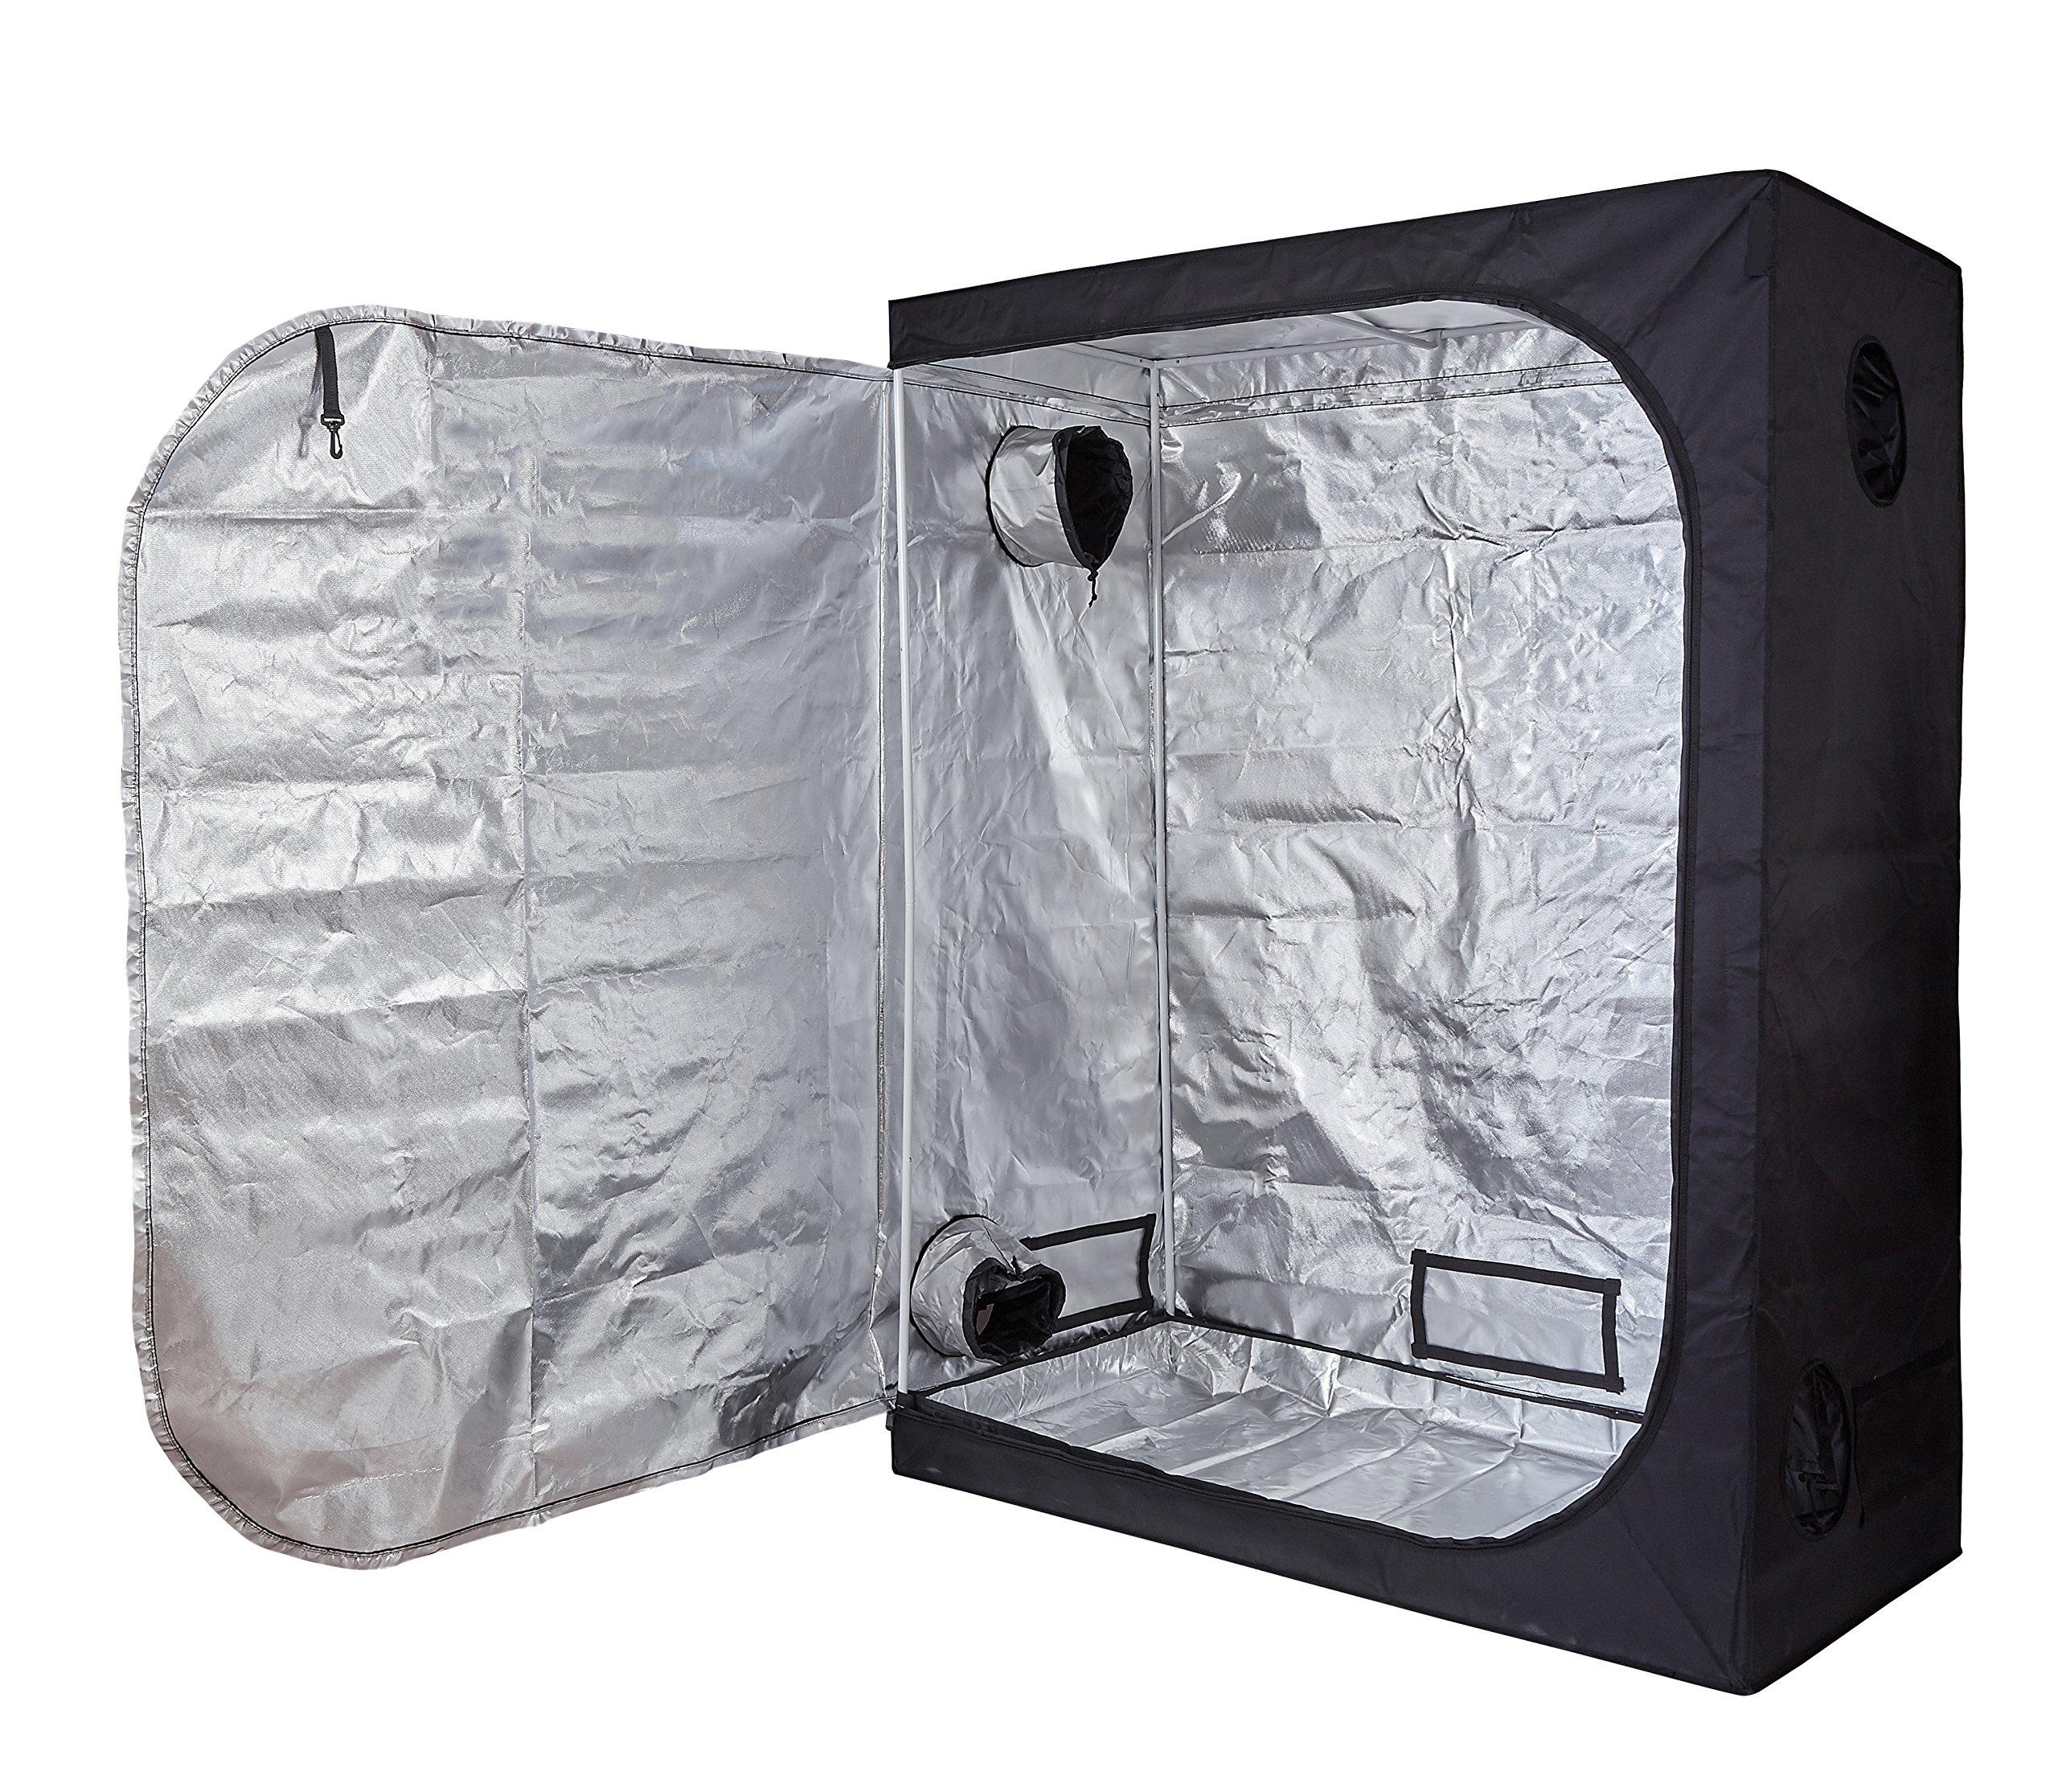 Hongruilite 60''X32''X80'' Hydroponic Indoor Grow Tent Room w/Plastic Corner (60''x32''x80'')